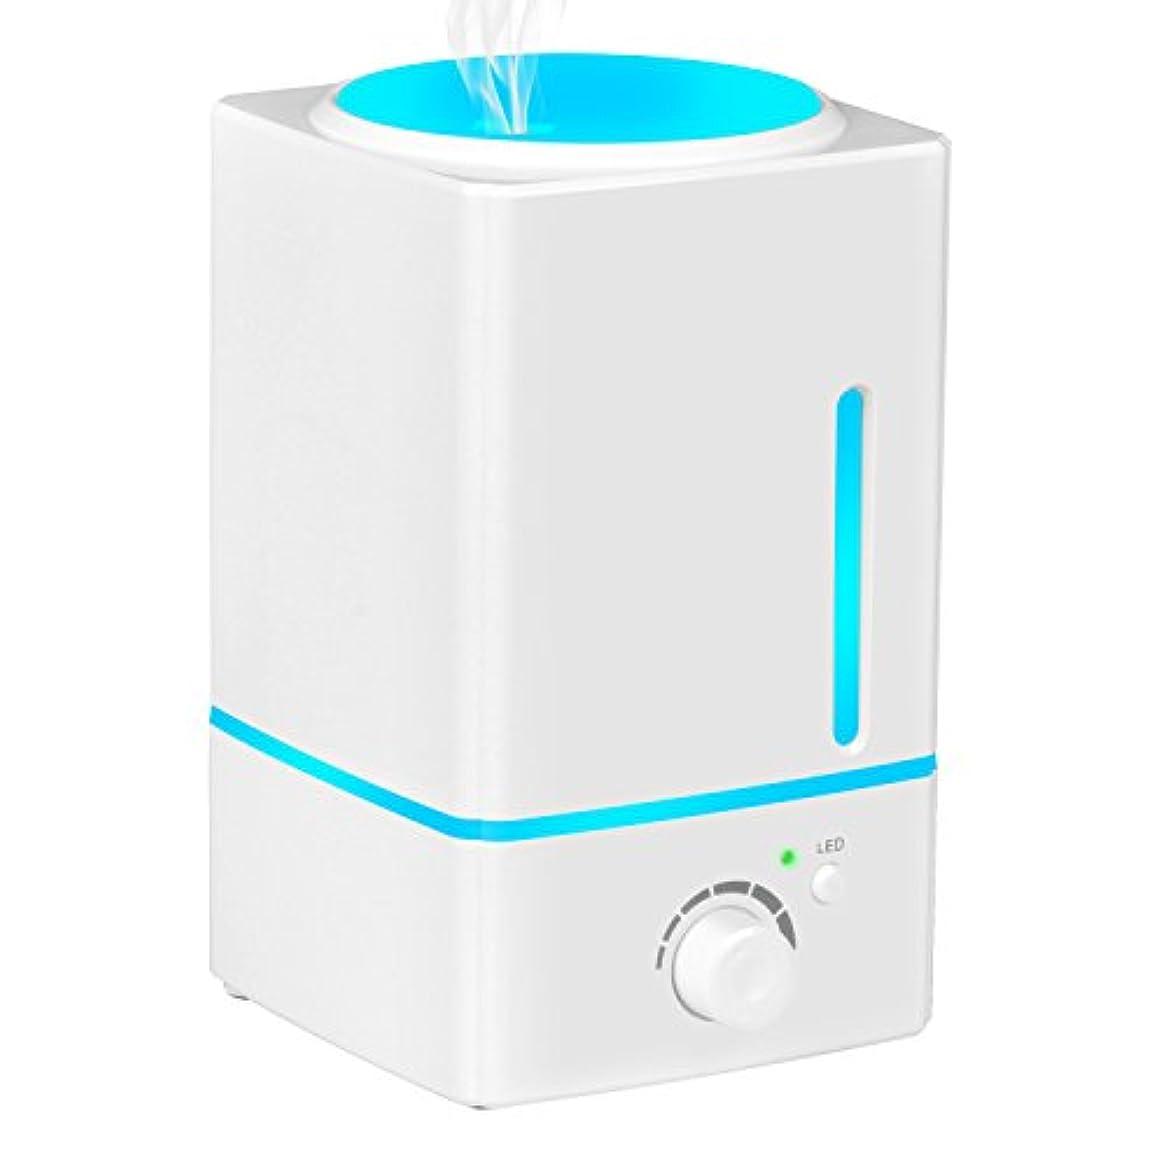 報酬世界スロベニアAromatherapy Essential Oil Diffuser加湿器、olivetech 1500 ml超音波クールなミスト加湿器with LEDライトの色変更と自動遮断forホームオフィス寝室